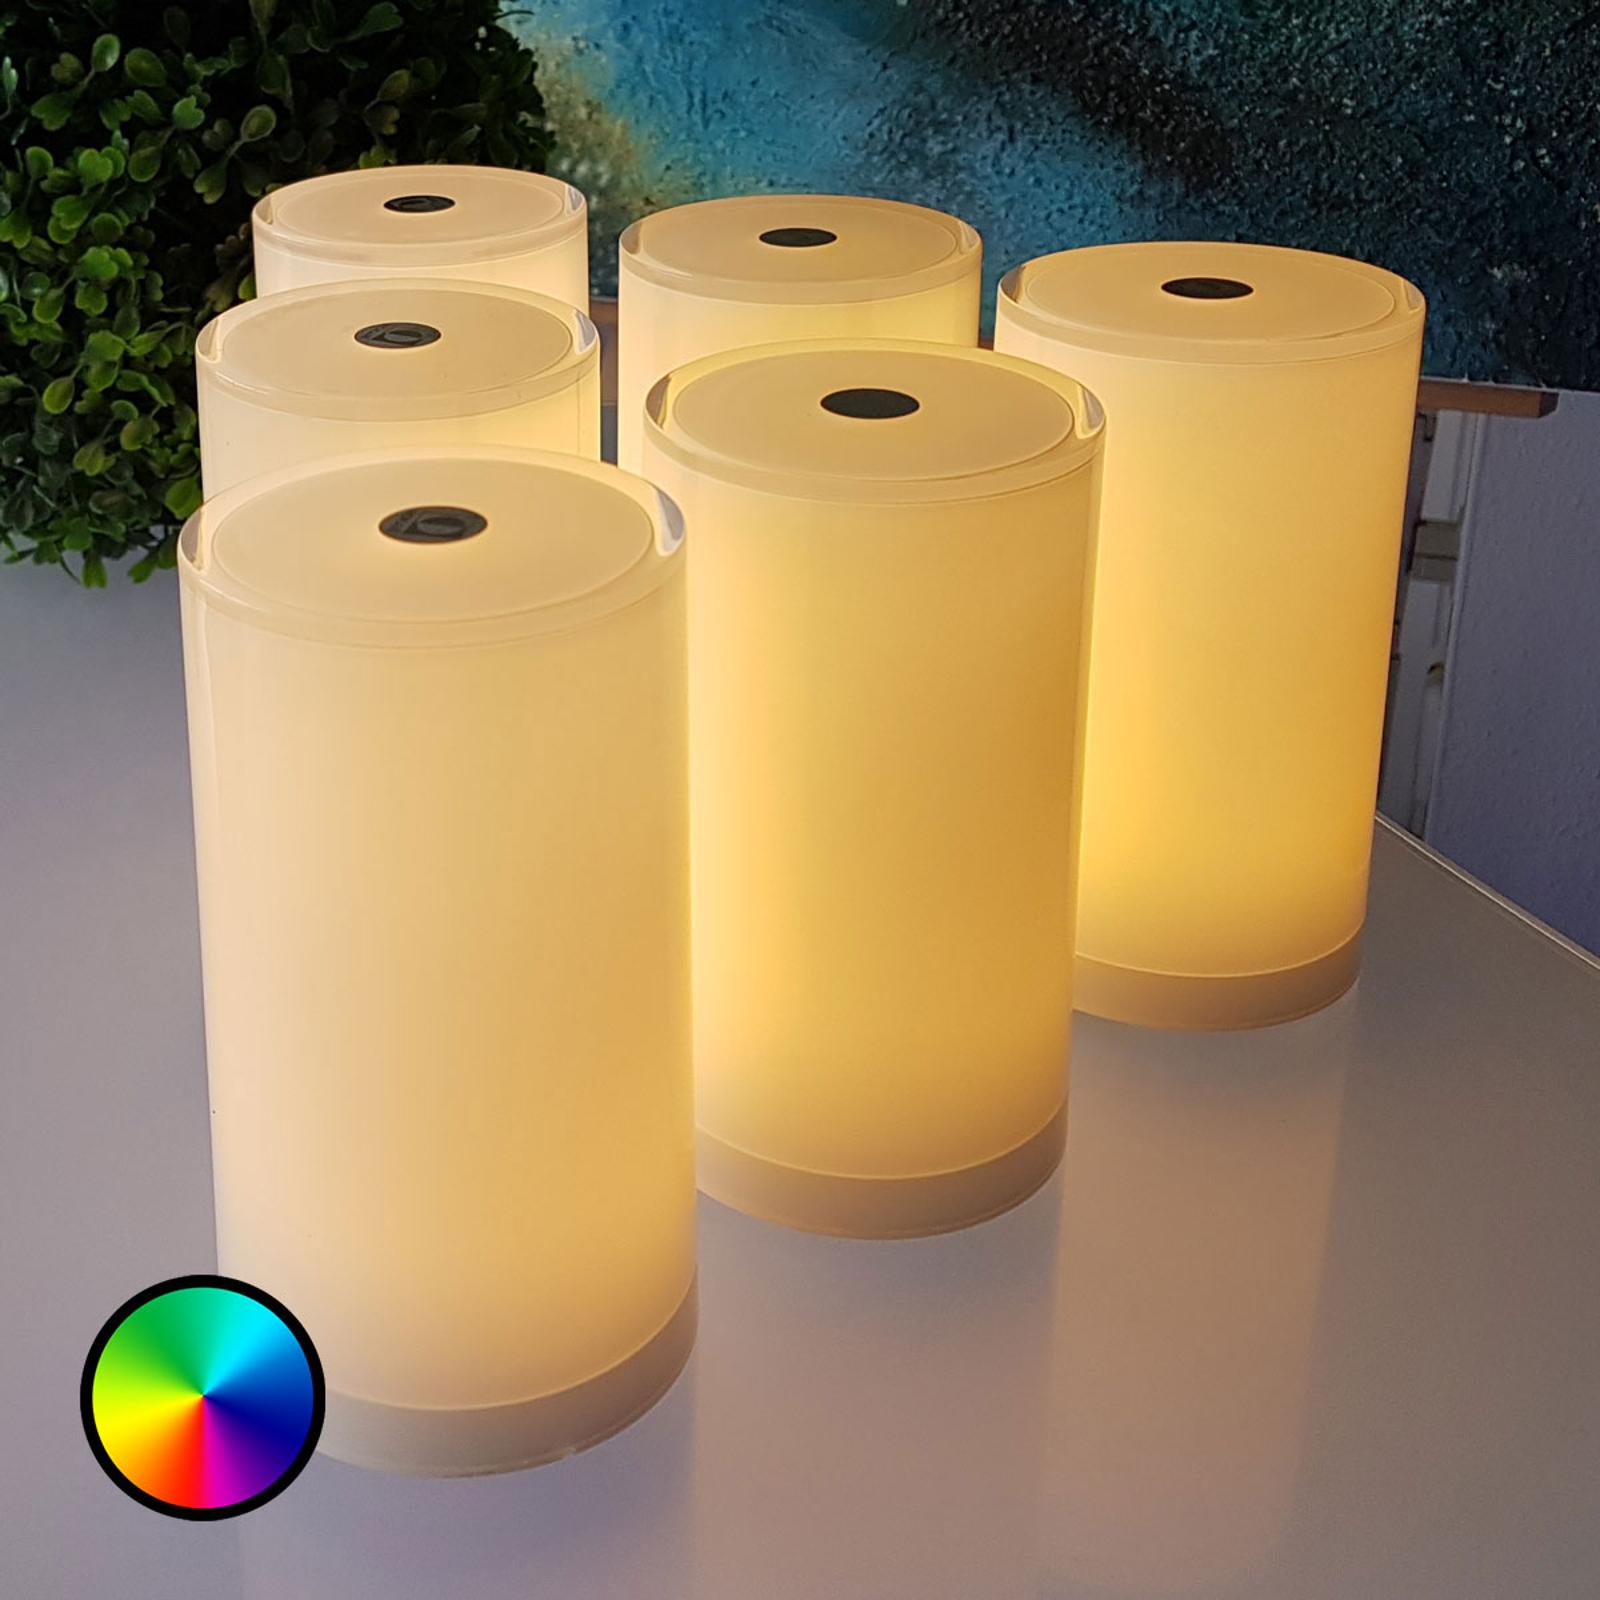 Tischleuchte Tub im 6er-Pack, App-steuerbar, RGBW